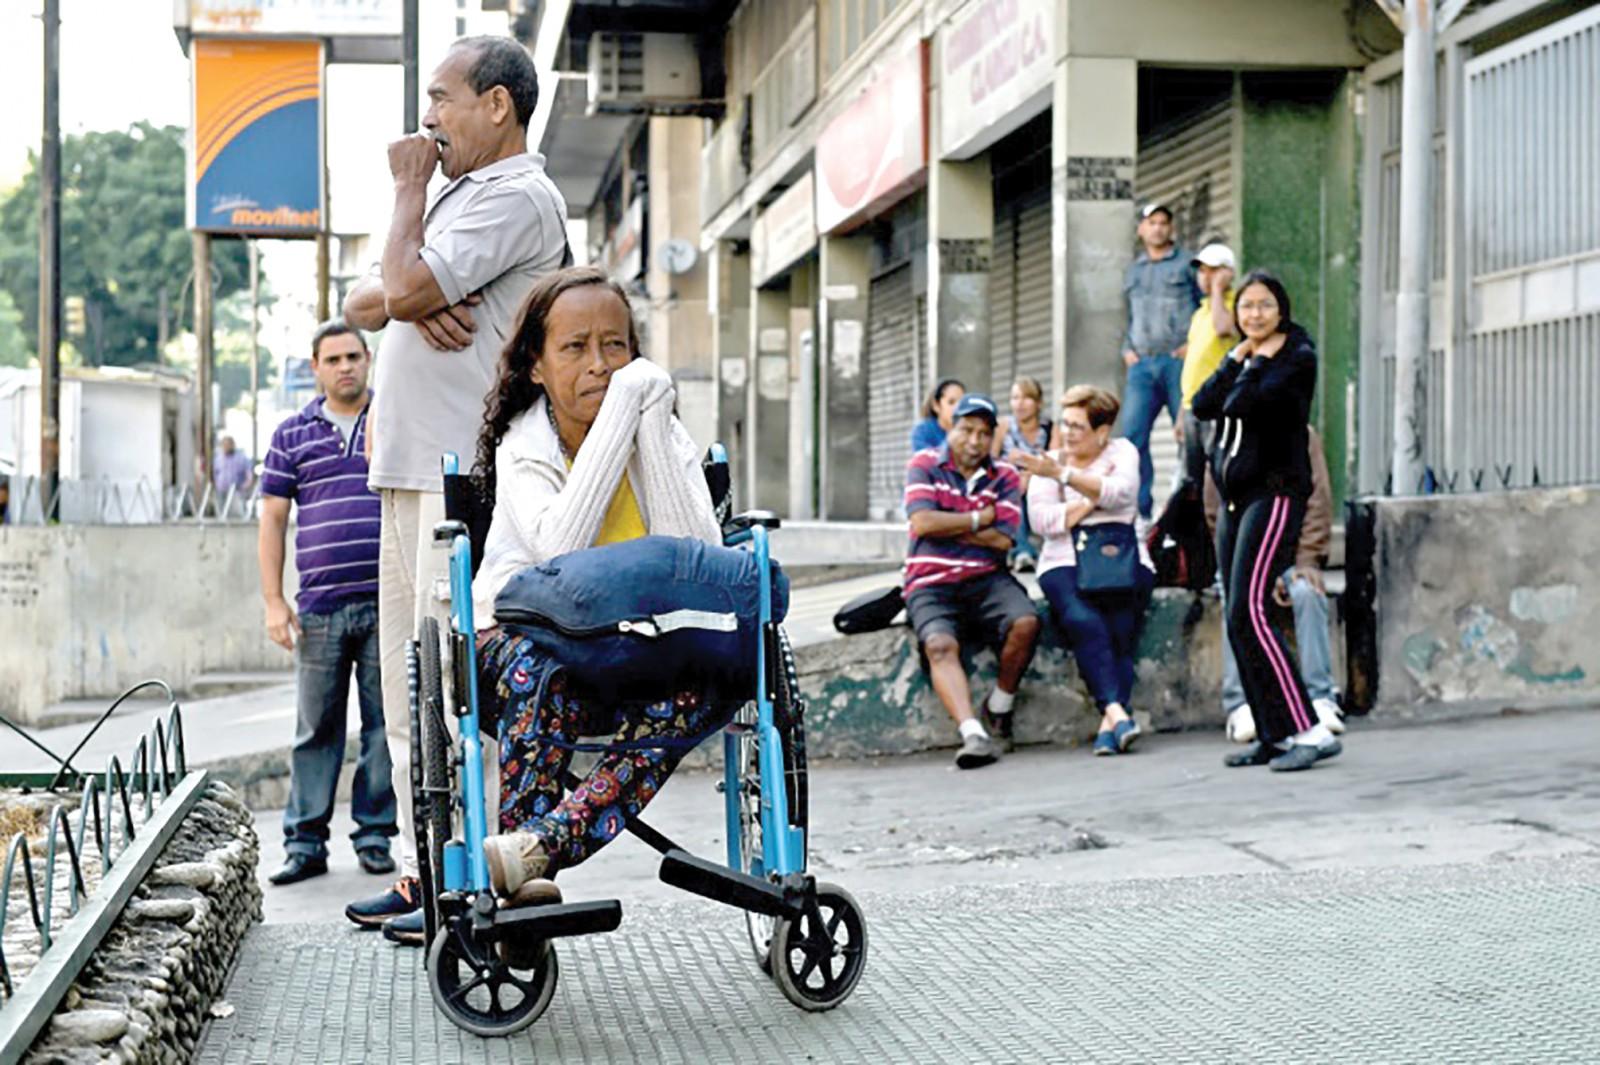 Bệnh nhân chờ bên ngoài một bệnh viện đóng cửa do mất điện ở Caracas. Ảnh: AFP